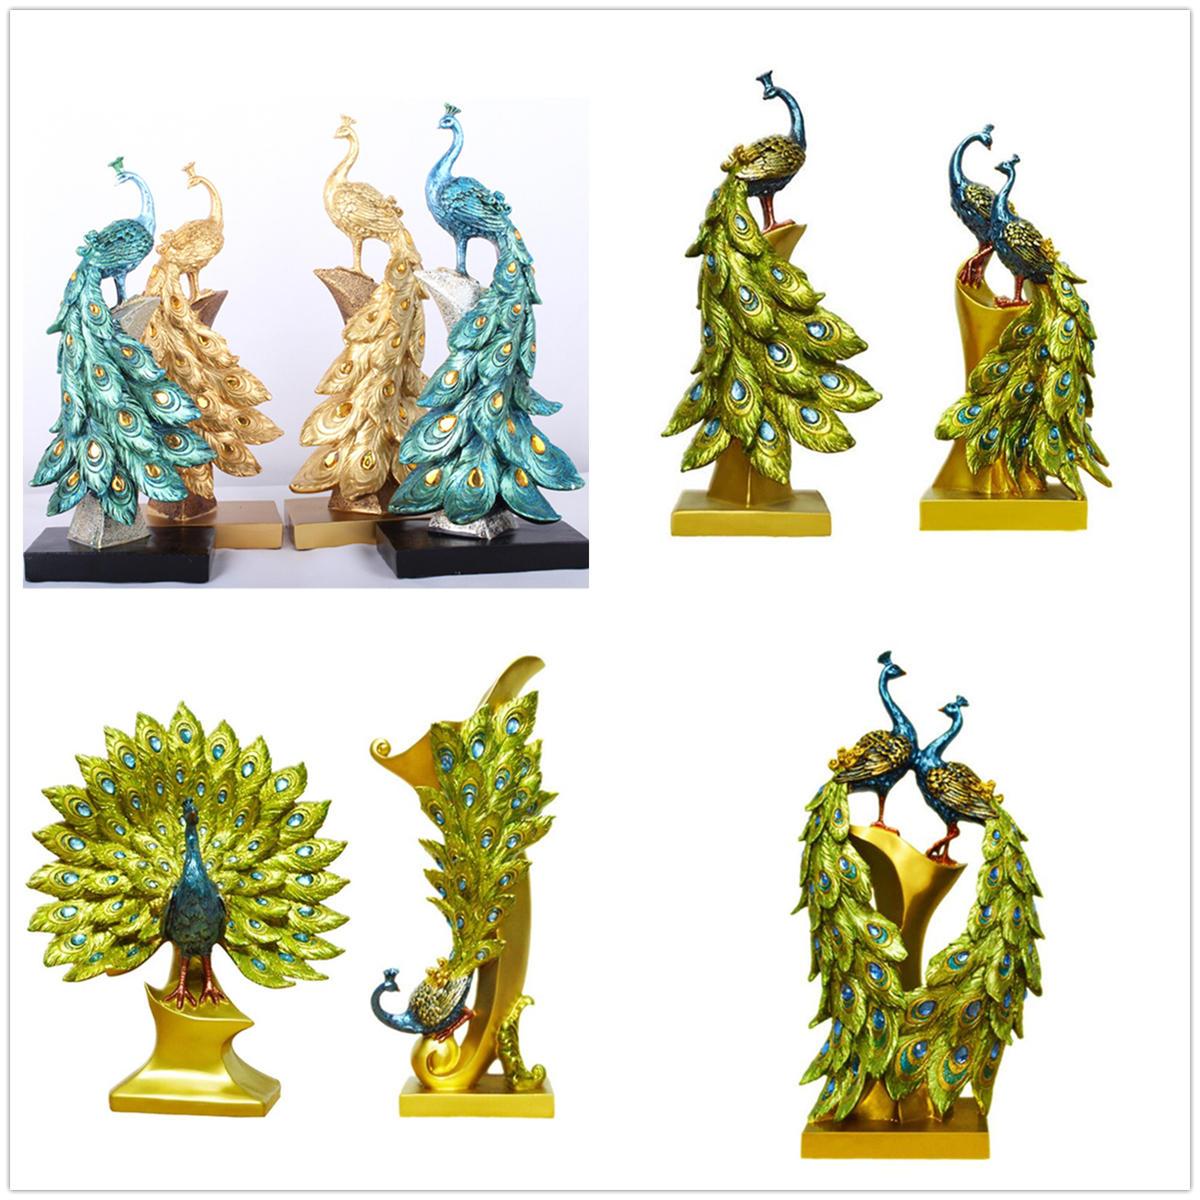 Exotische hars pauw Ornament beeldje standbeeld Craft bruiloft Home Decorations Gift - 2